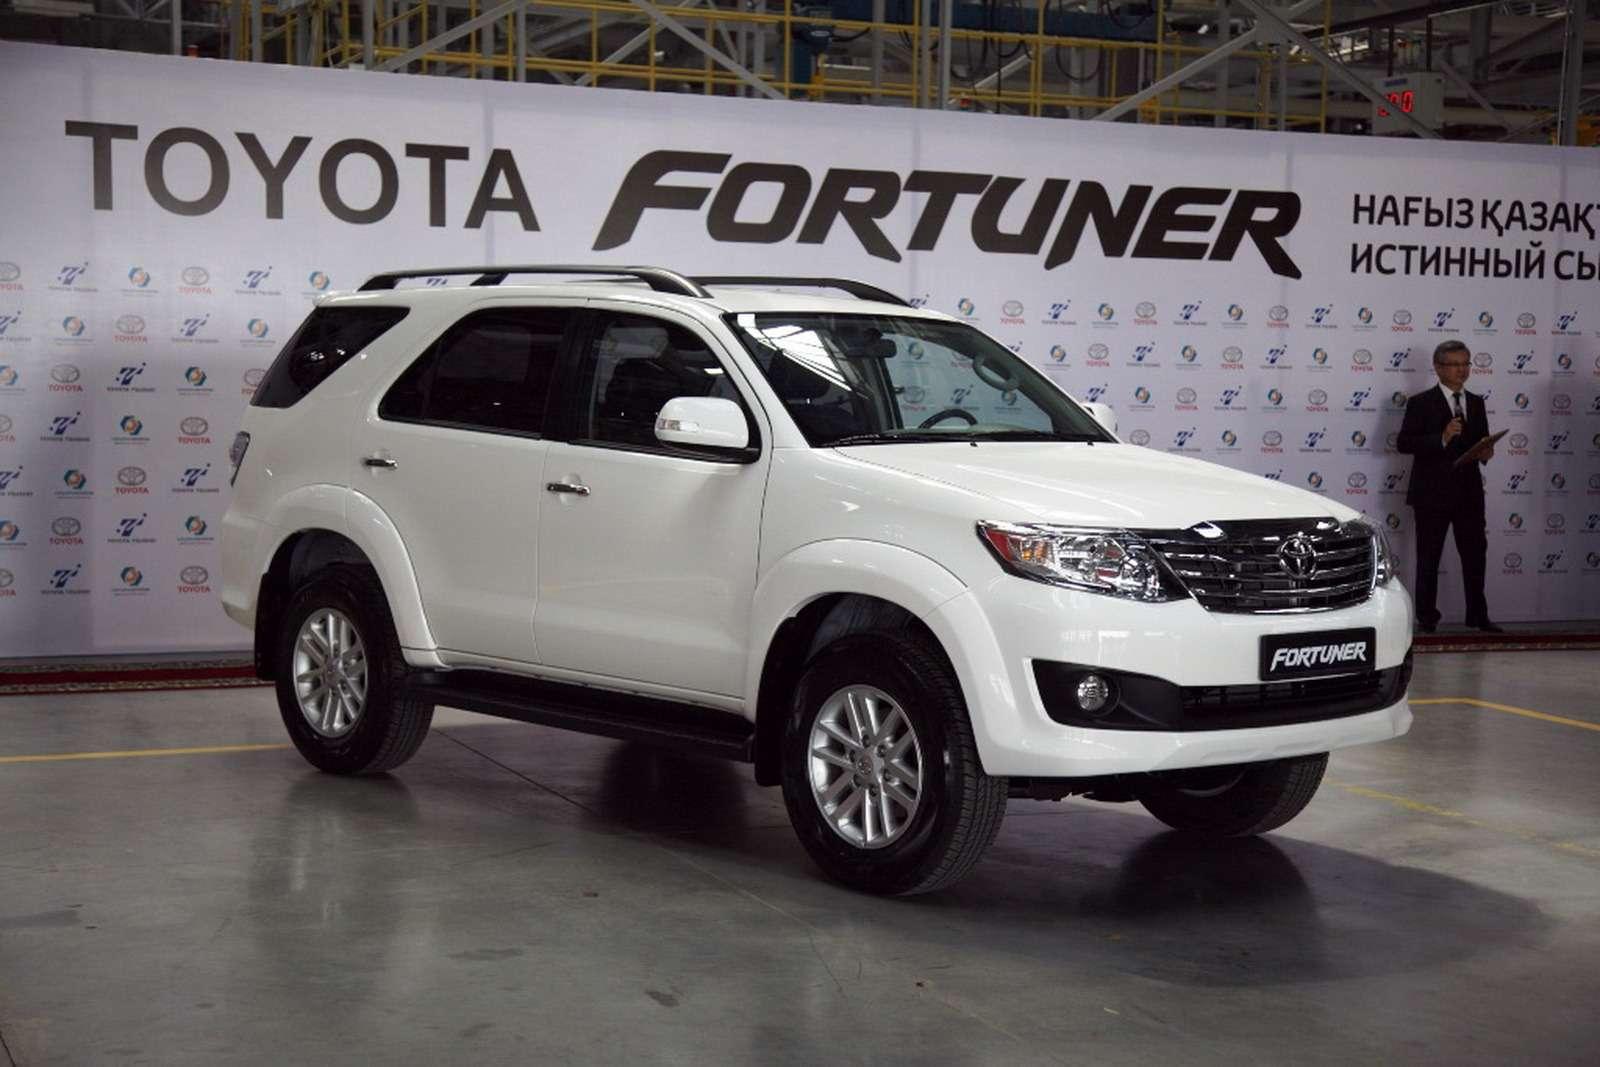 Toyota Fortuner встал на конвейер в Казахстане — журнал За рулем b1dd6560c04